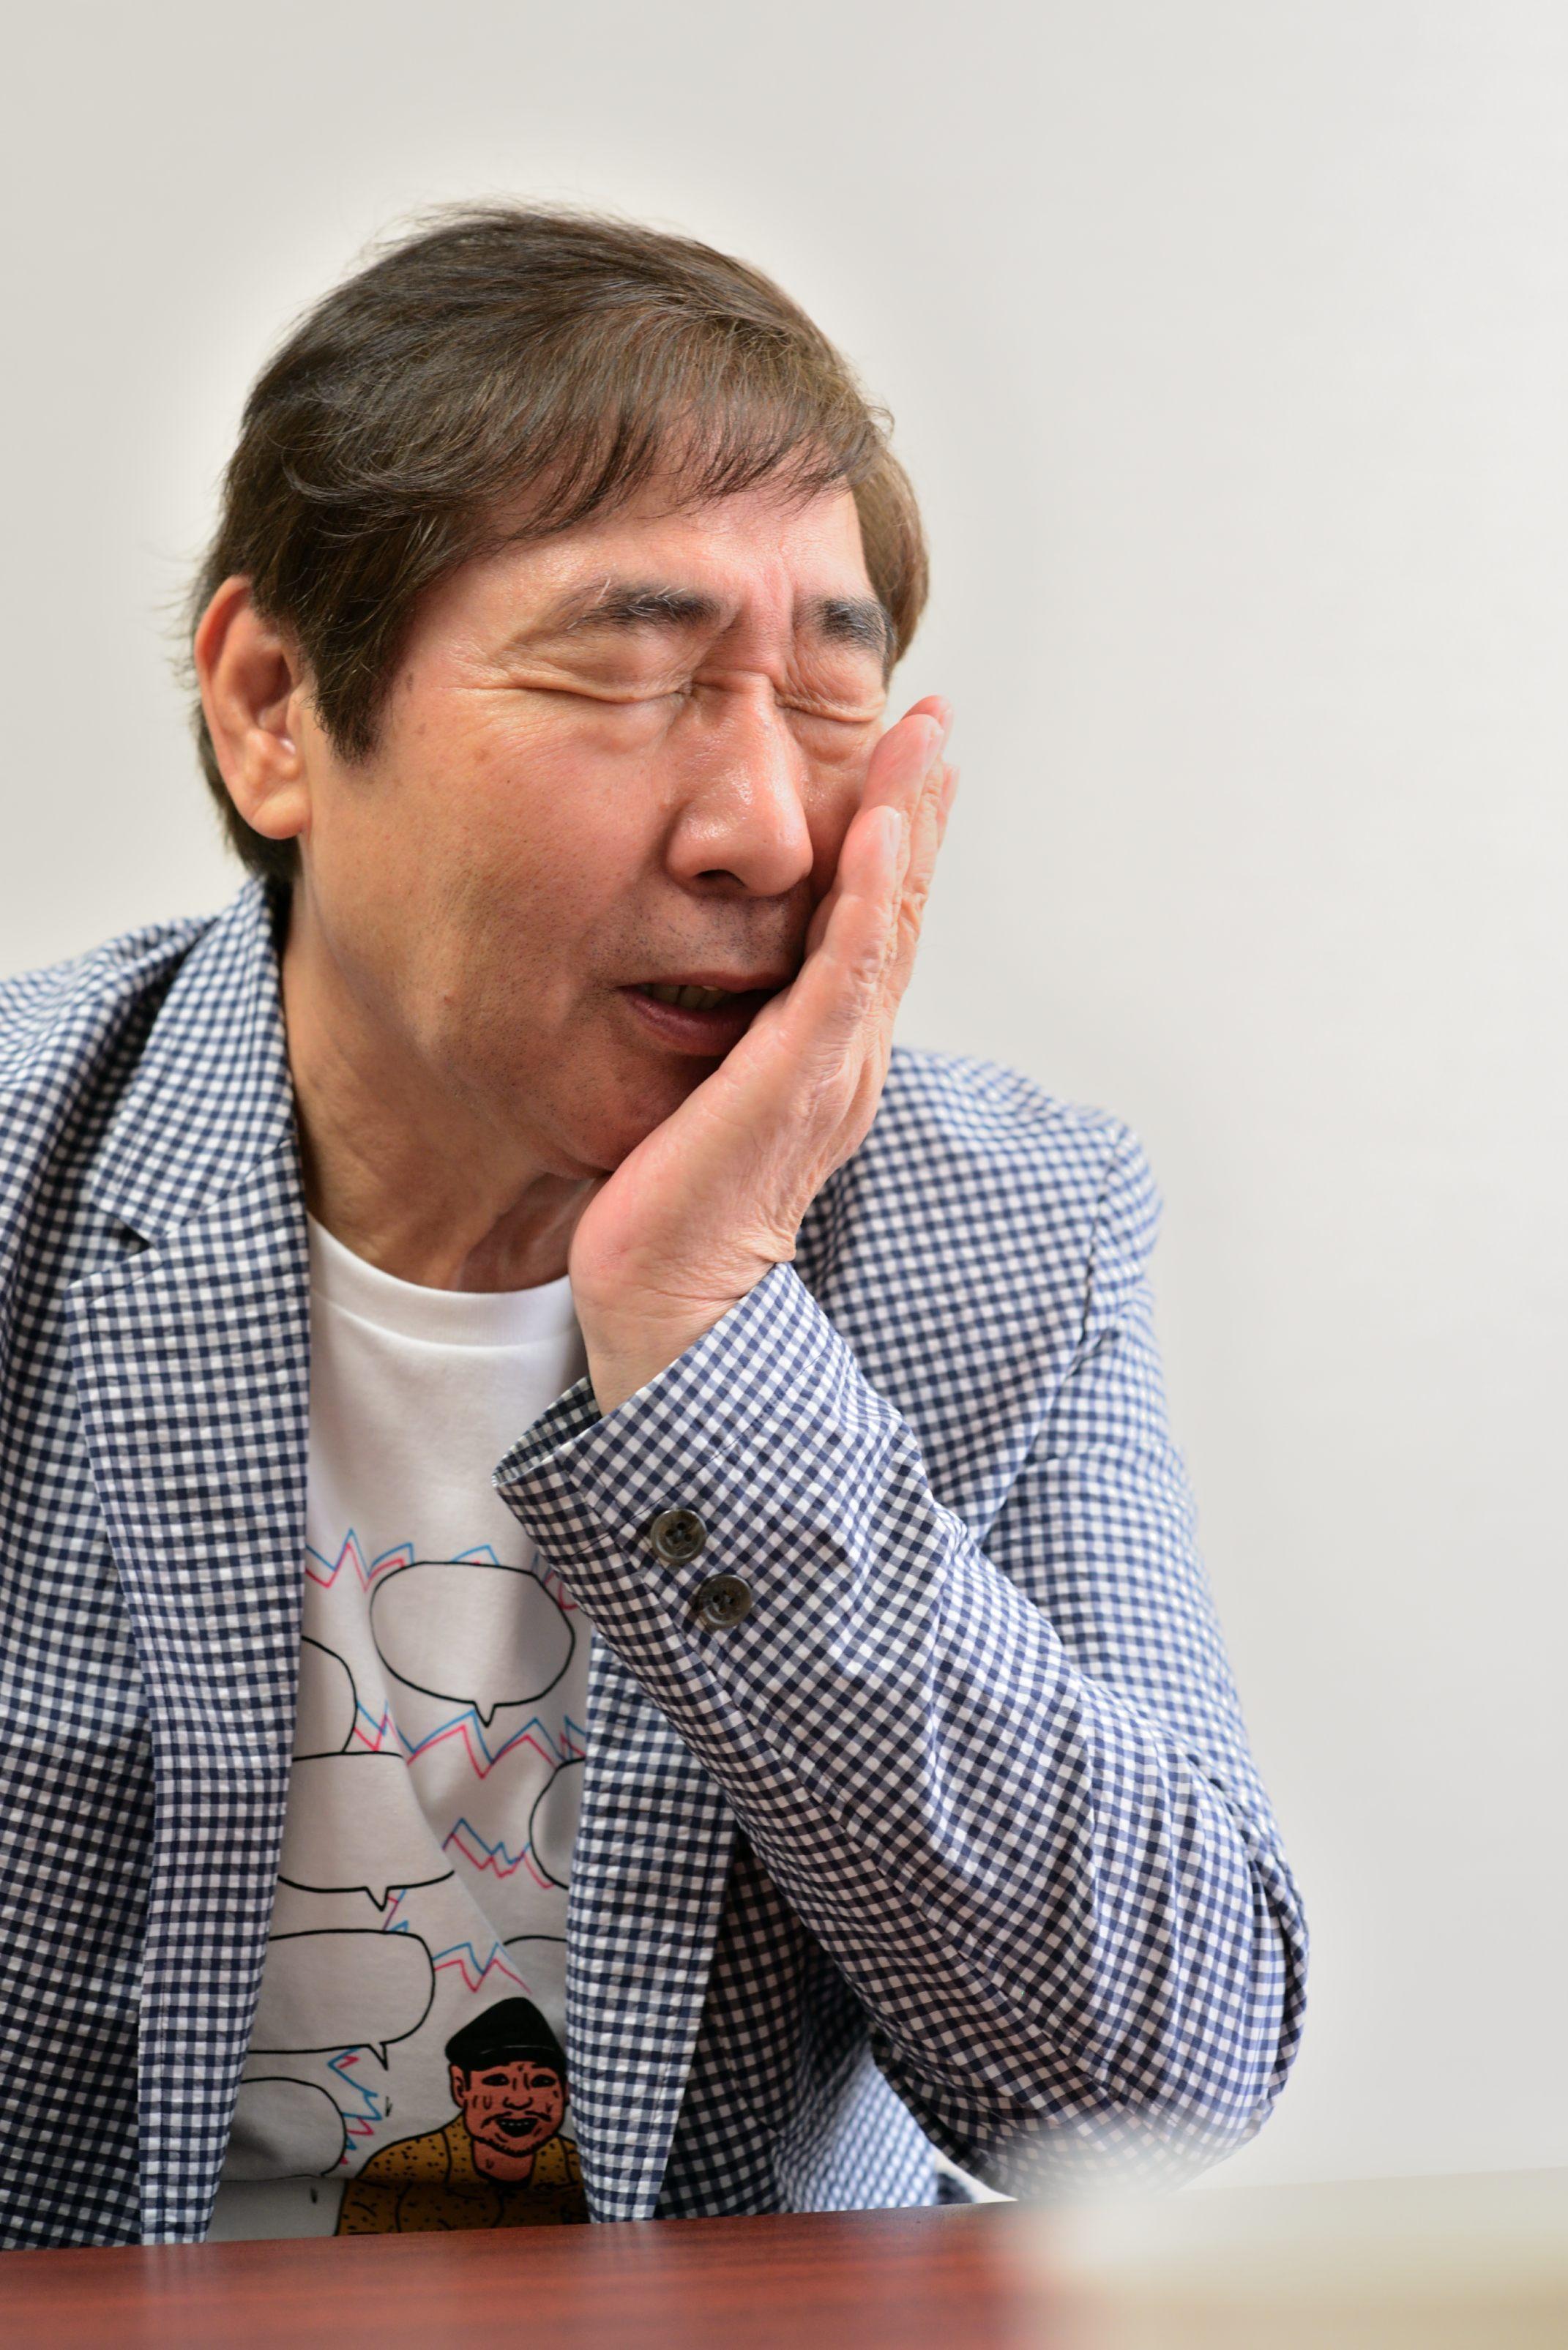 蛭子流結婚のススメ①「競馬場もひとりで行くと寂しい」